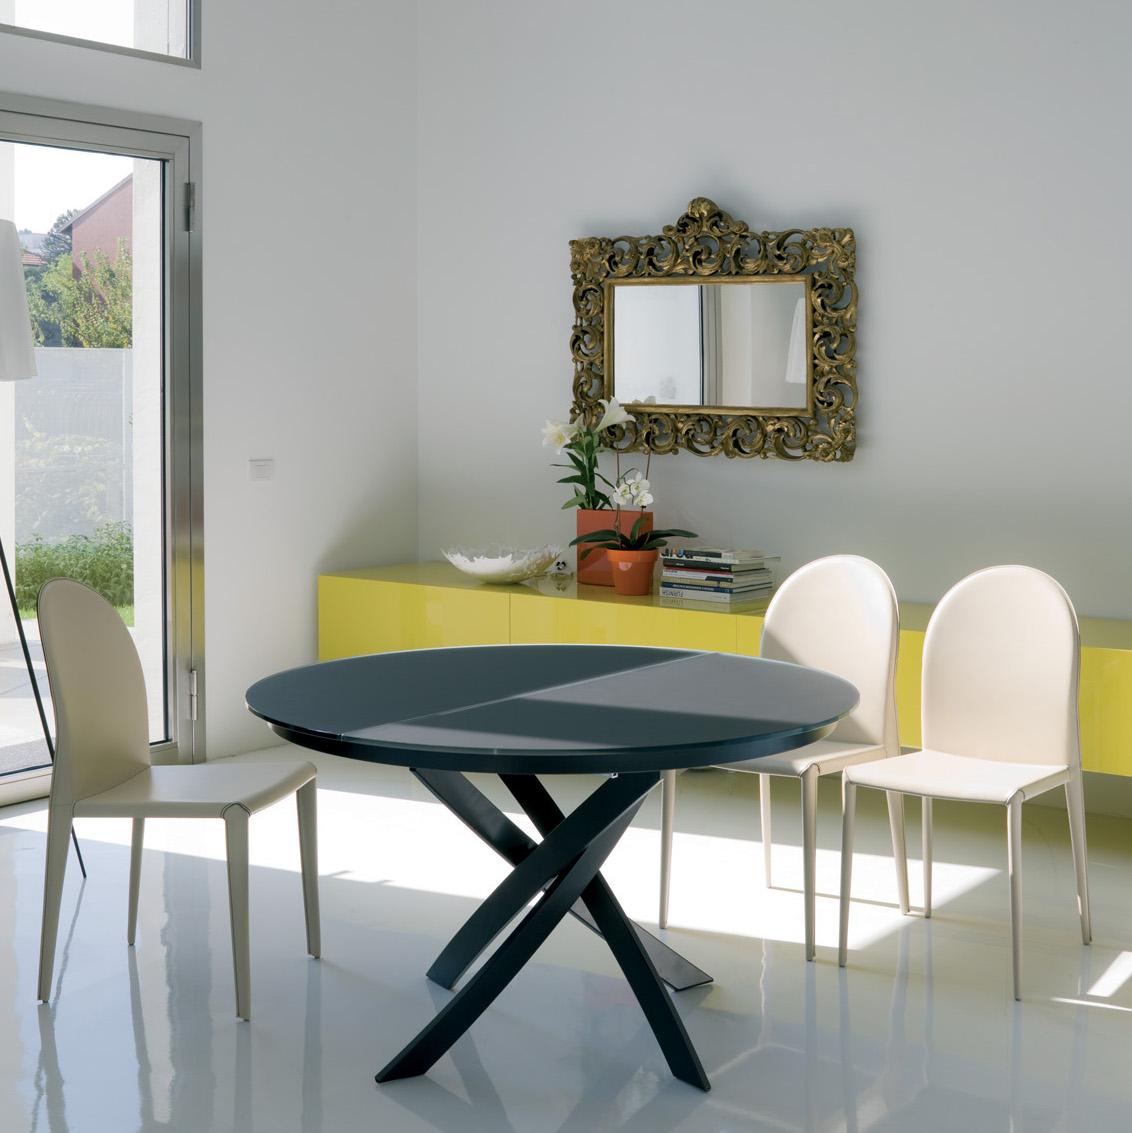 Tavolo barone rotondo allungabile sala soggiorno cucina ebay - Tavolo rotondo da cucina ...